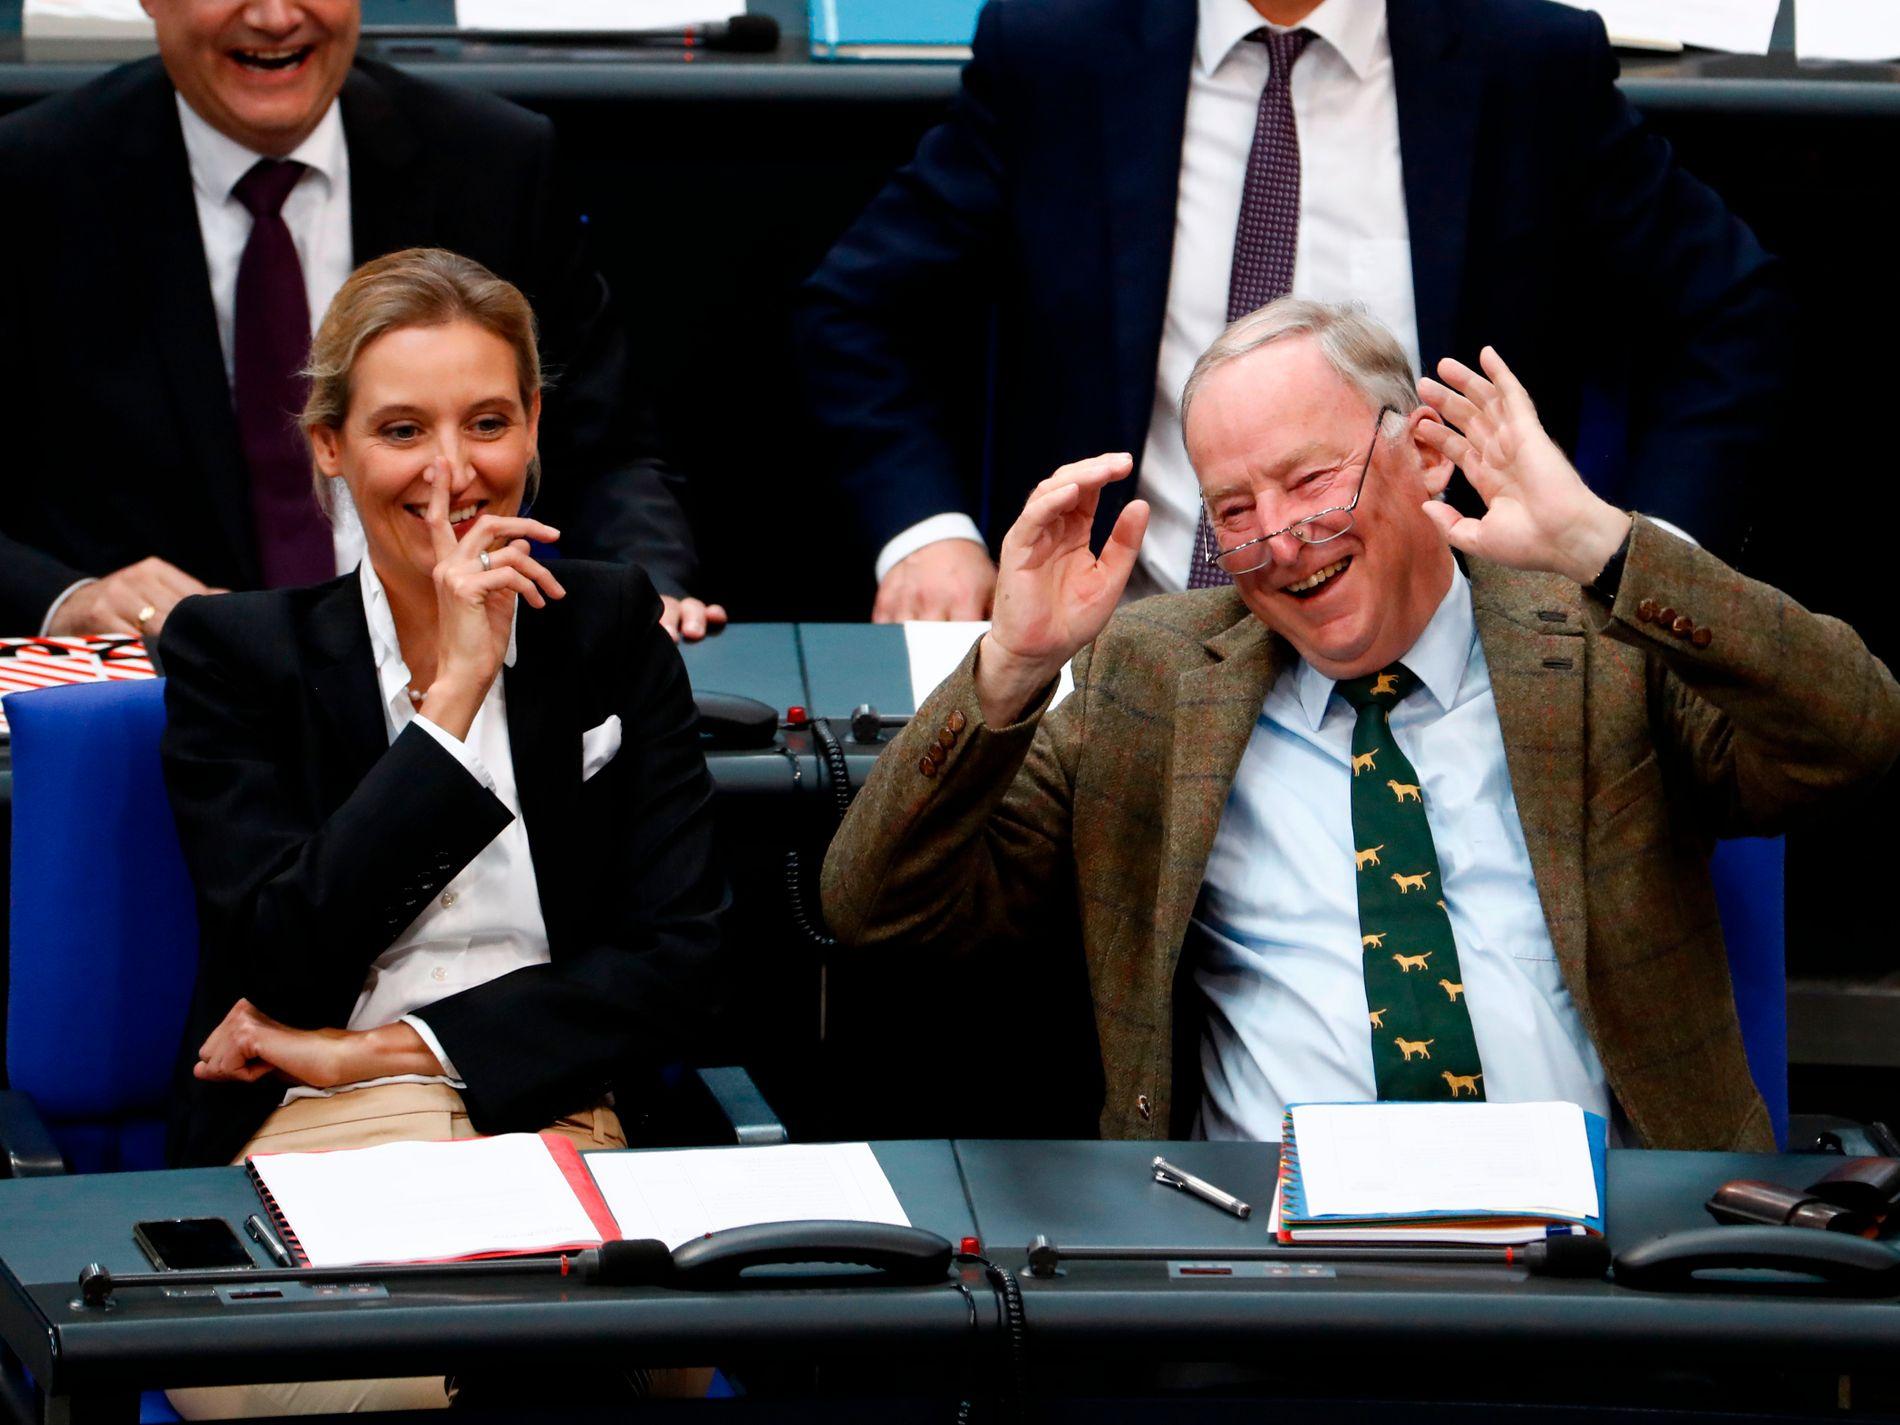 Angela Merkel i krise: - Dette er begynnelsen på slutten - VG